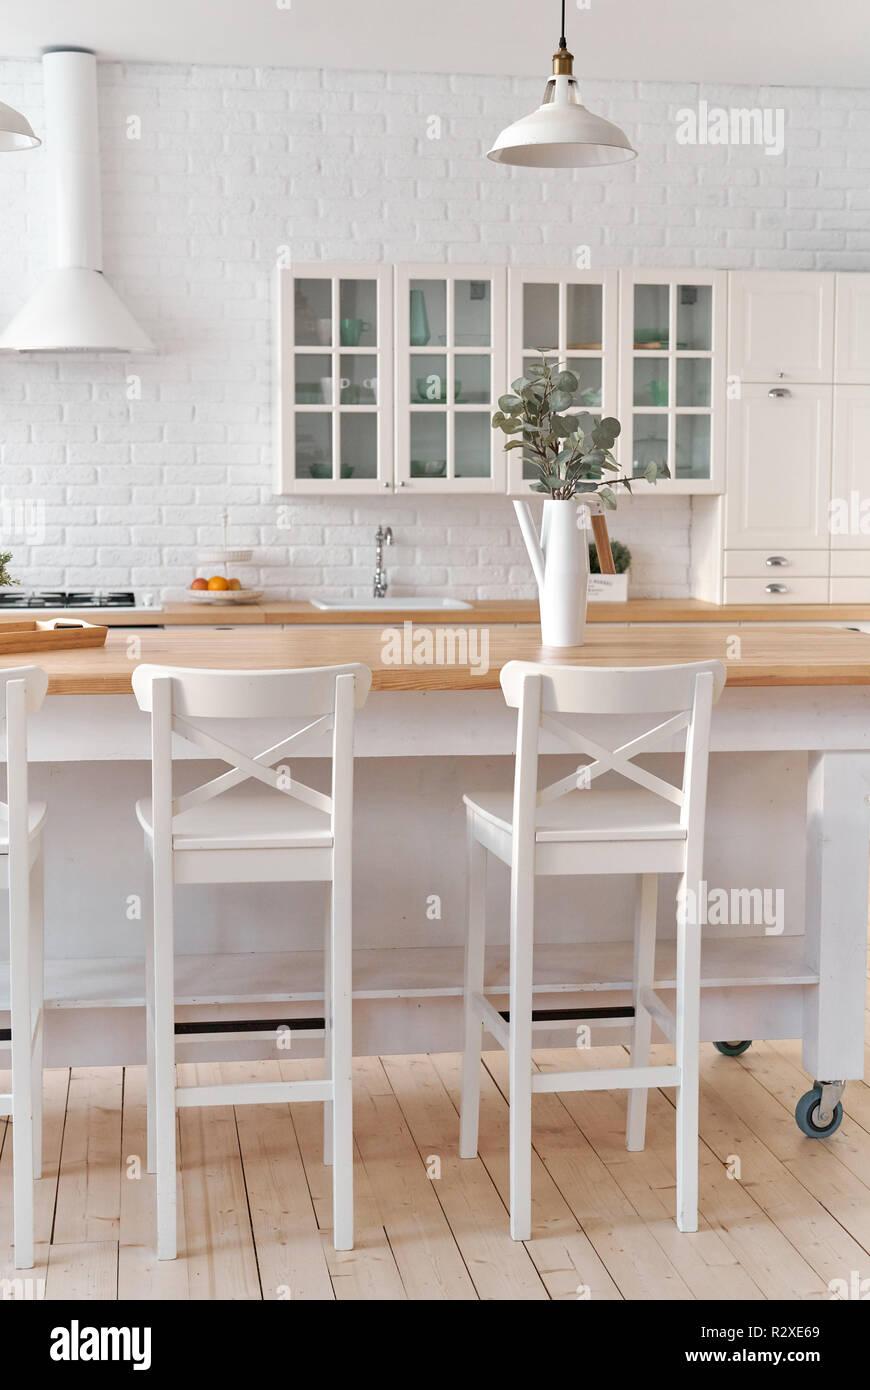 Küche Küche Tisch Mit Stühlen Küche Hintergrund Stockfoto Bild